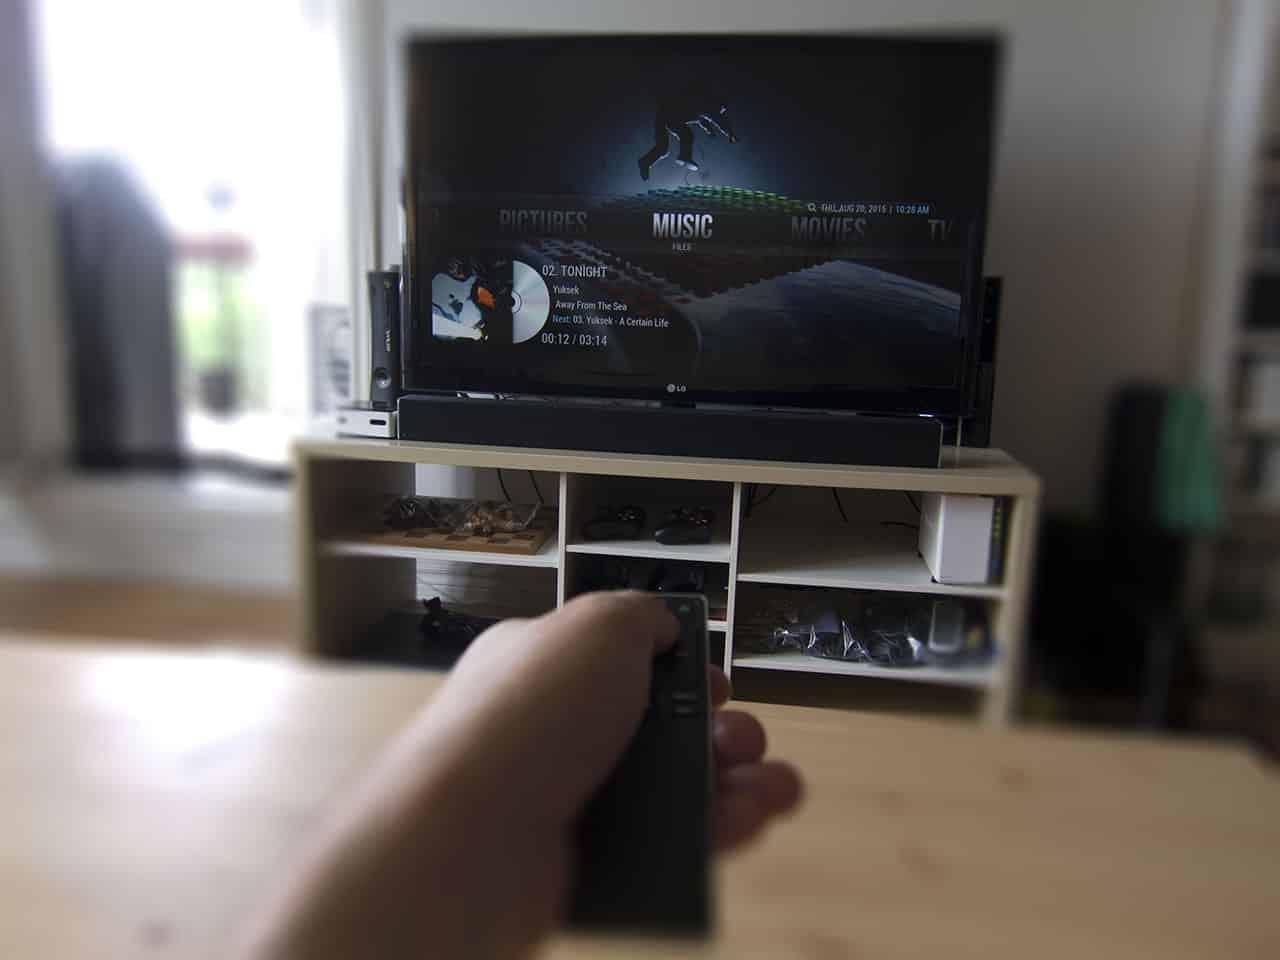 Vizio TV Has Sound Problems, Faint Whining Noise.